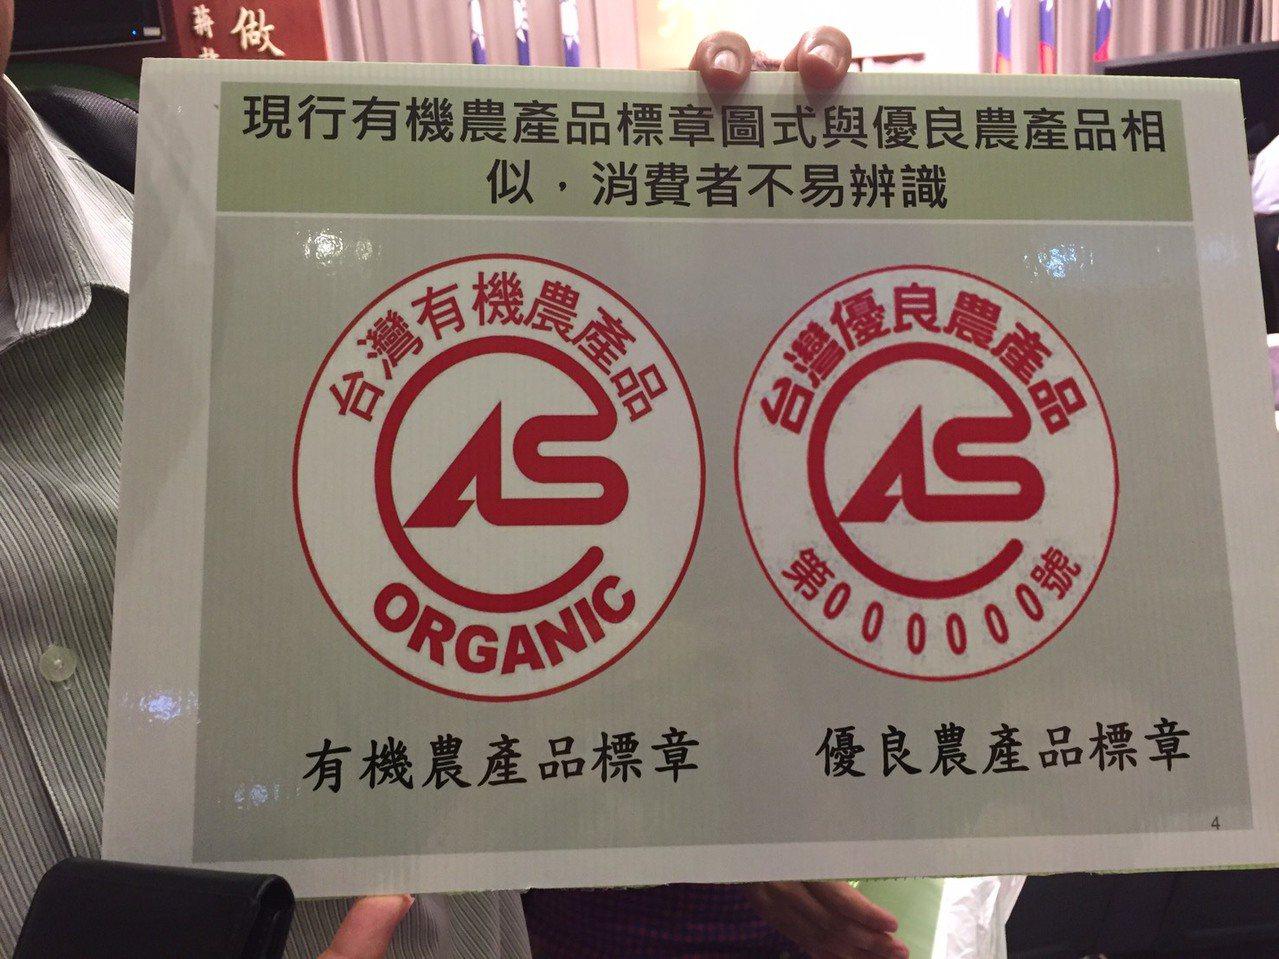 現行有機農產品標章圖示與優良農產品相似,消費者不易辨識,農委會將推出有機新標章。...